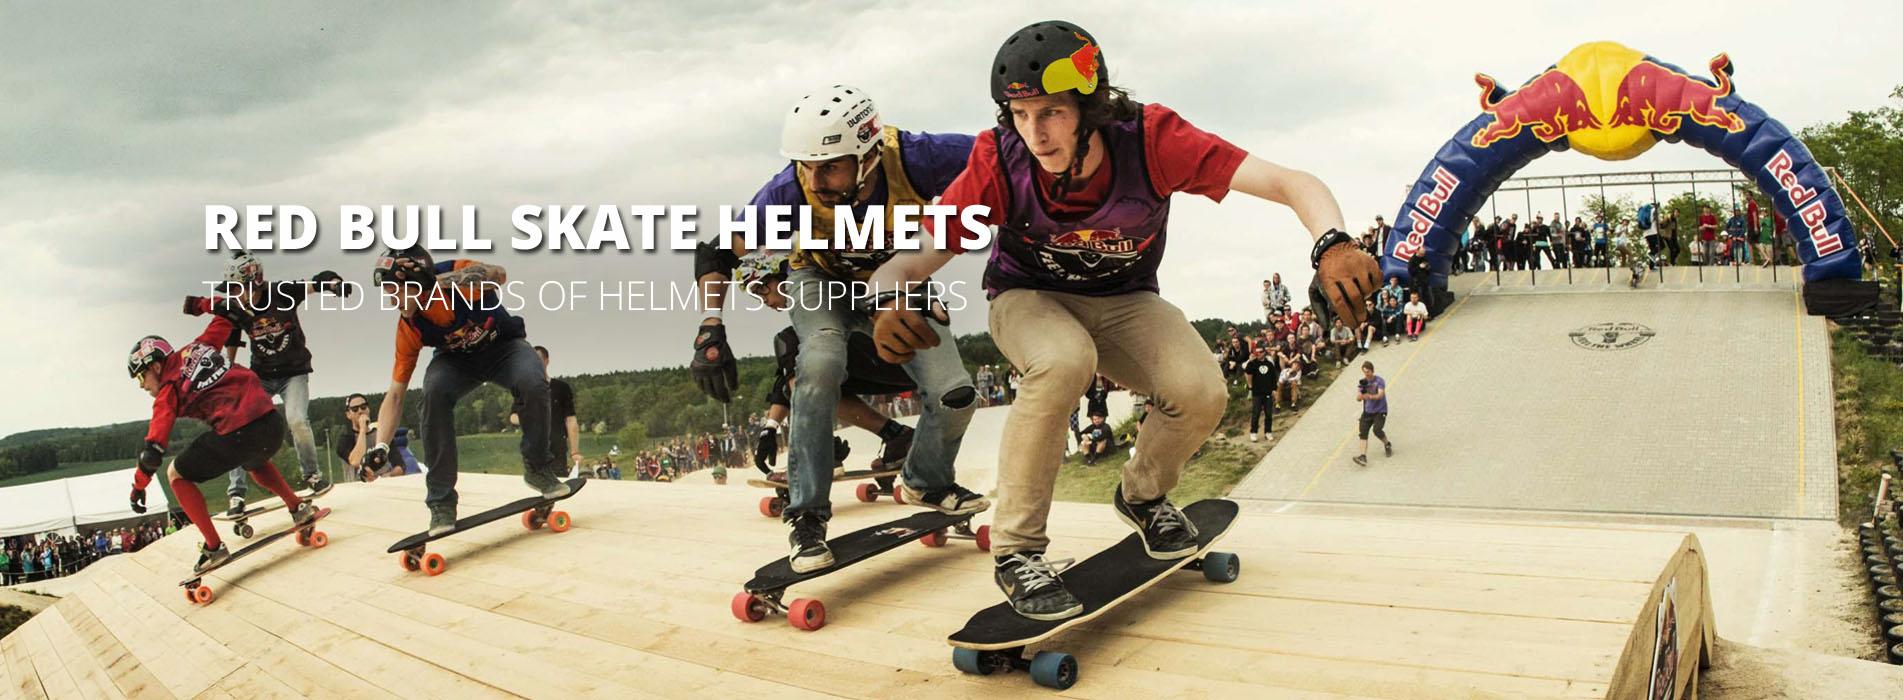 red bull skate helmet banner